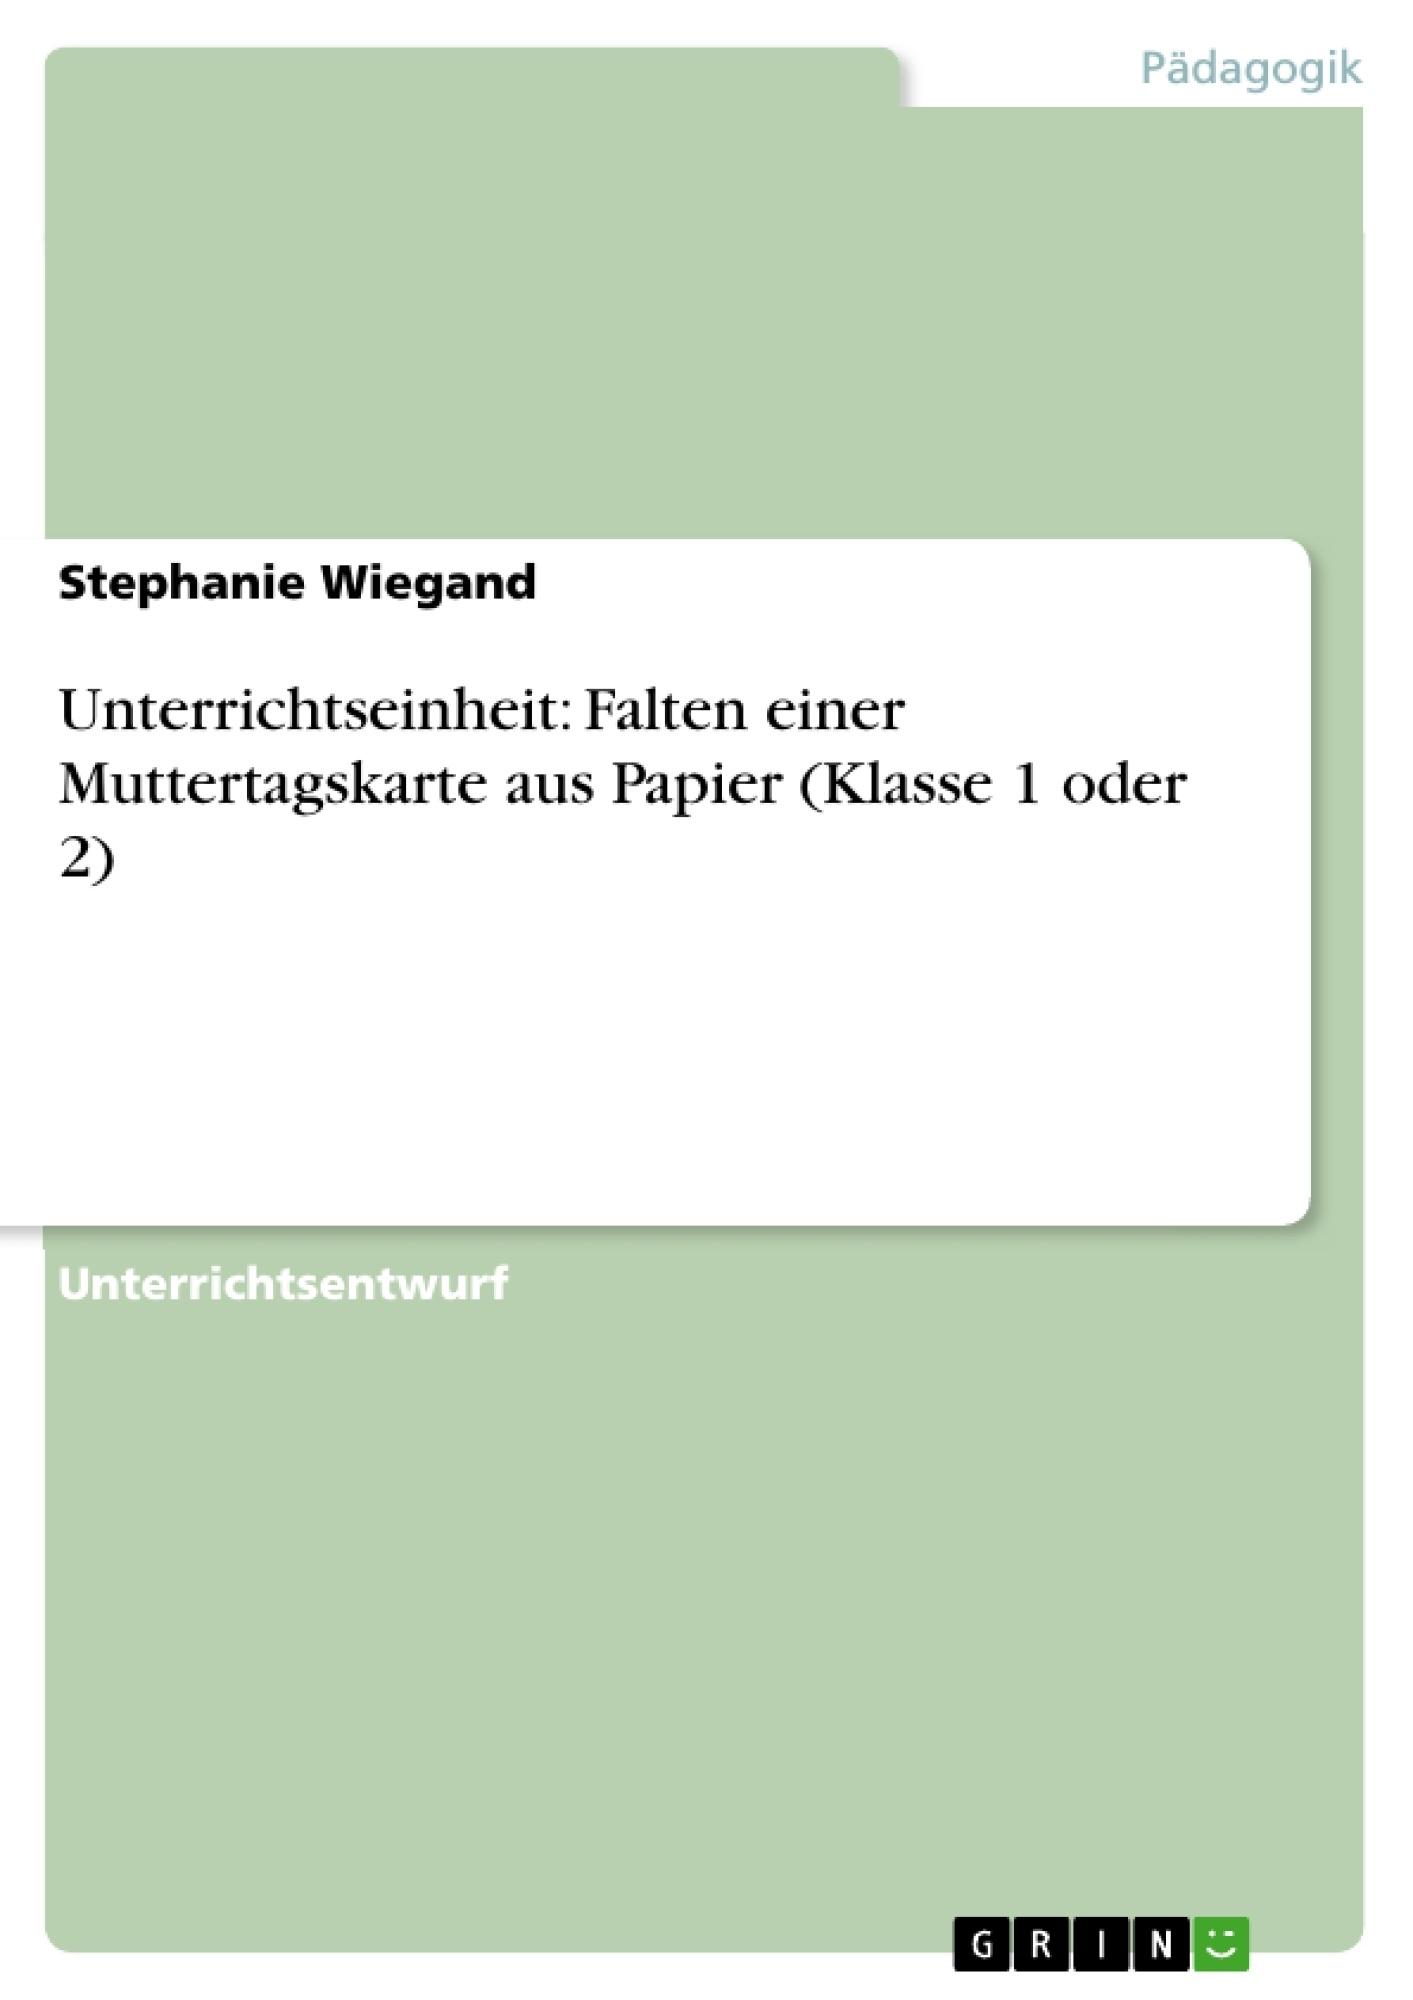 Titel: Unterrichtseinheit: Falten einer Muttertagskarte aus Papier (Klasse 1 oder 2)